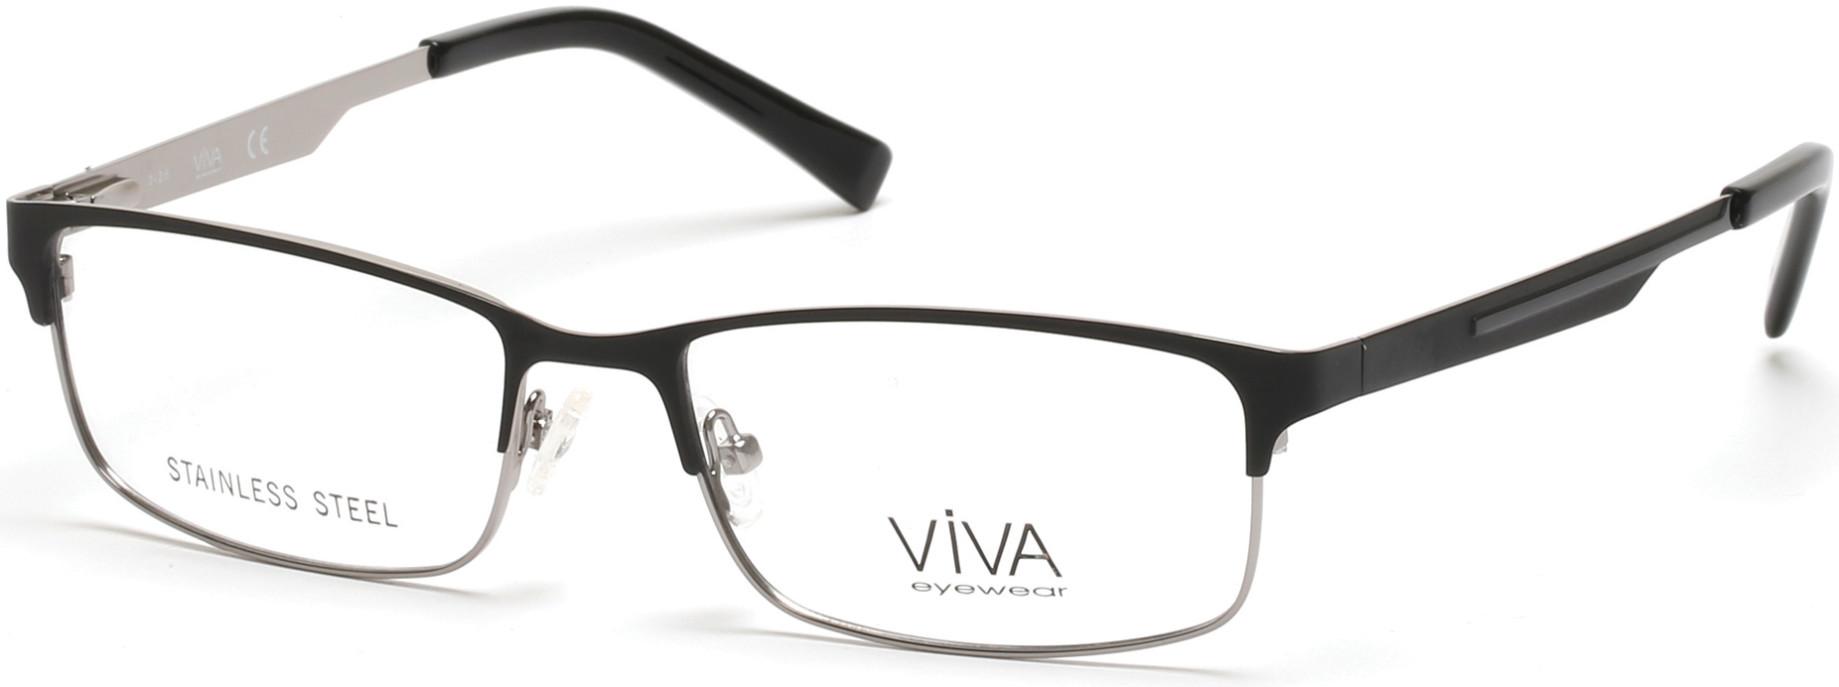 VIVA VV4028 style-color 005 - Black / Other